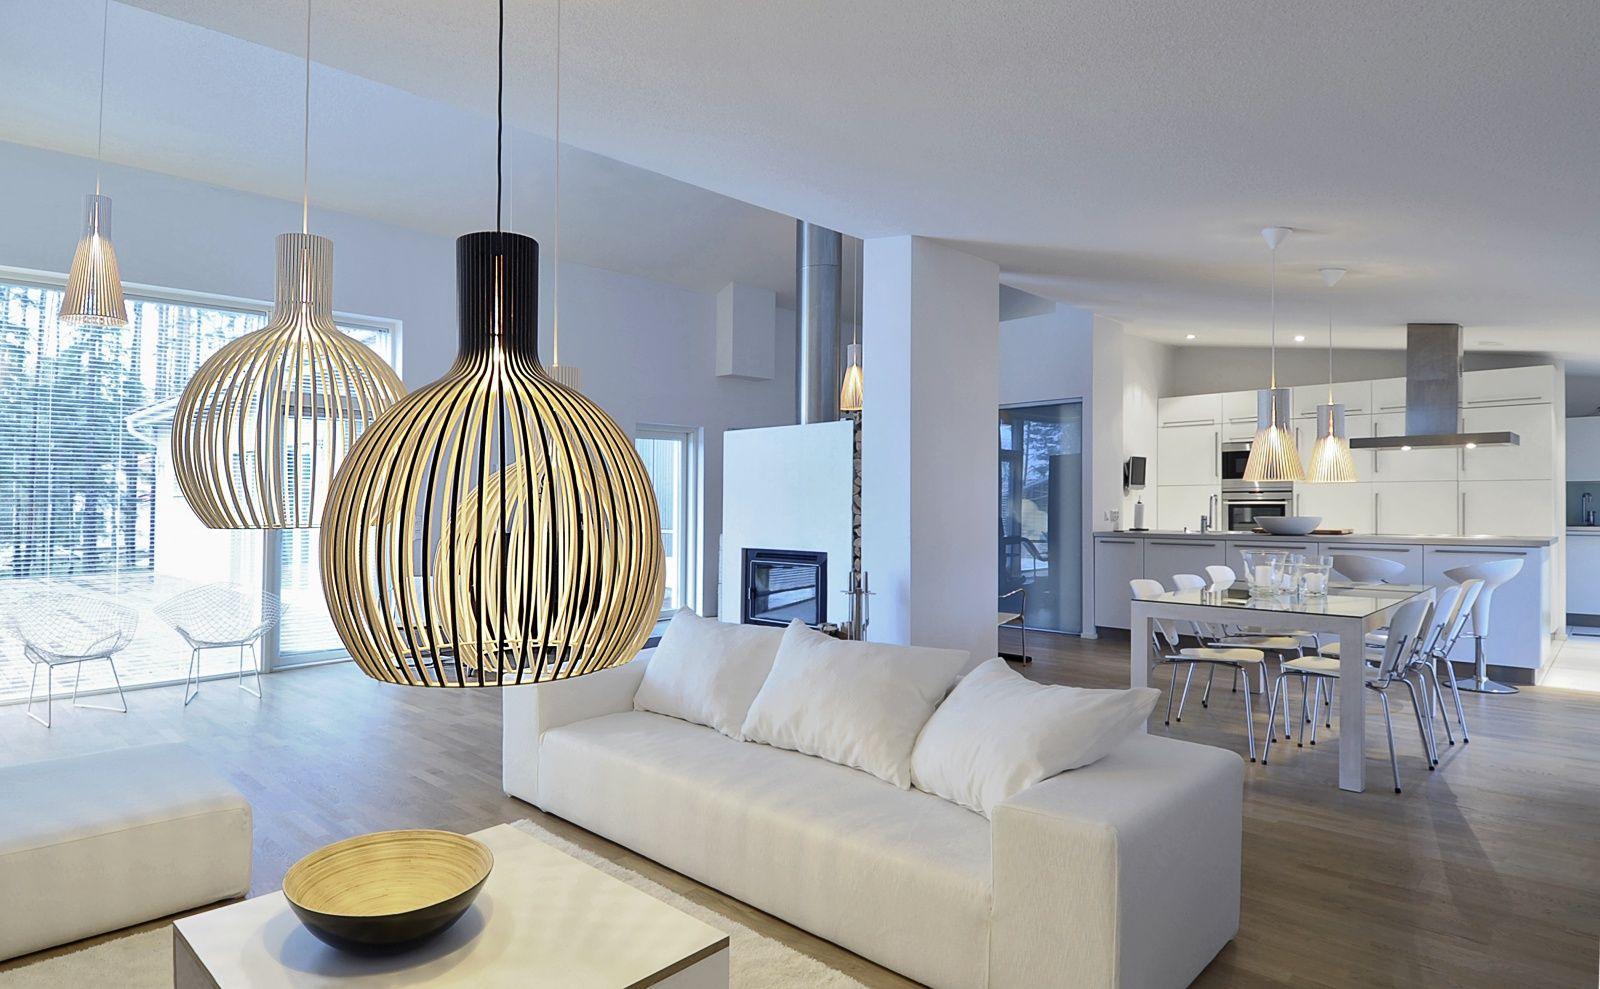 verlichting woonkamer design - Google zoeken | Lighting | Pinterest ...